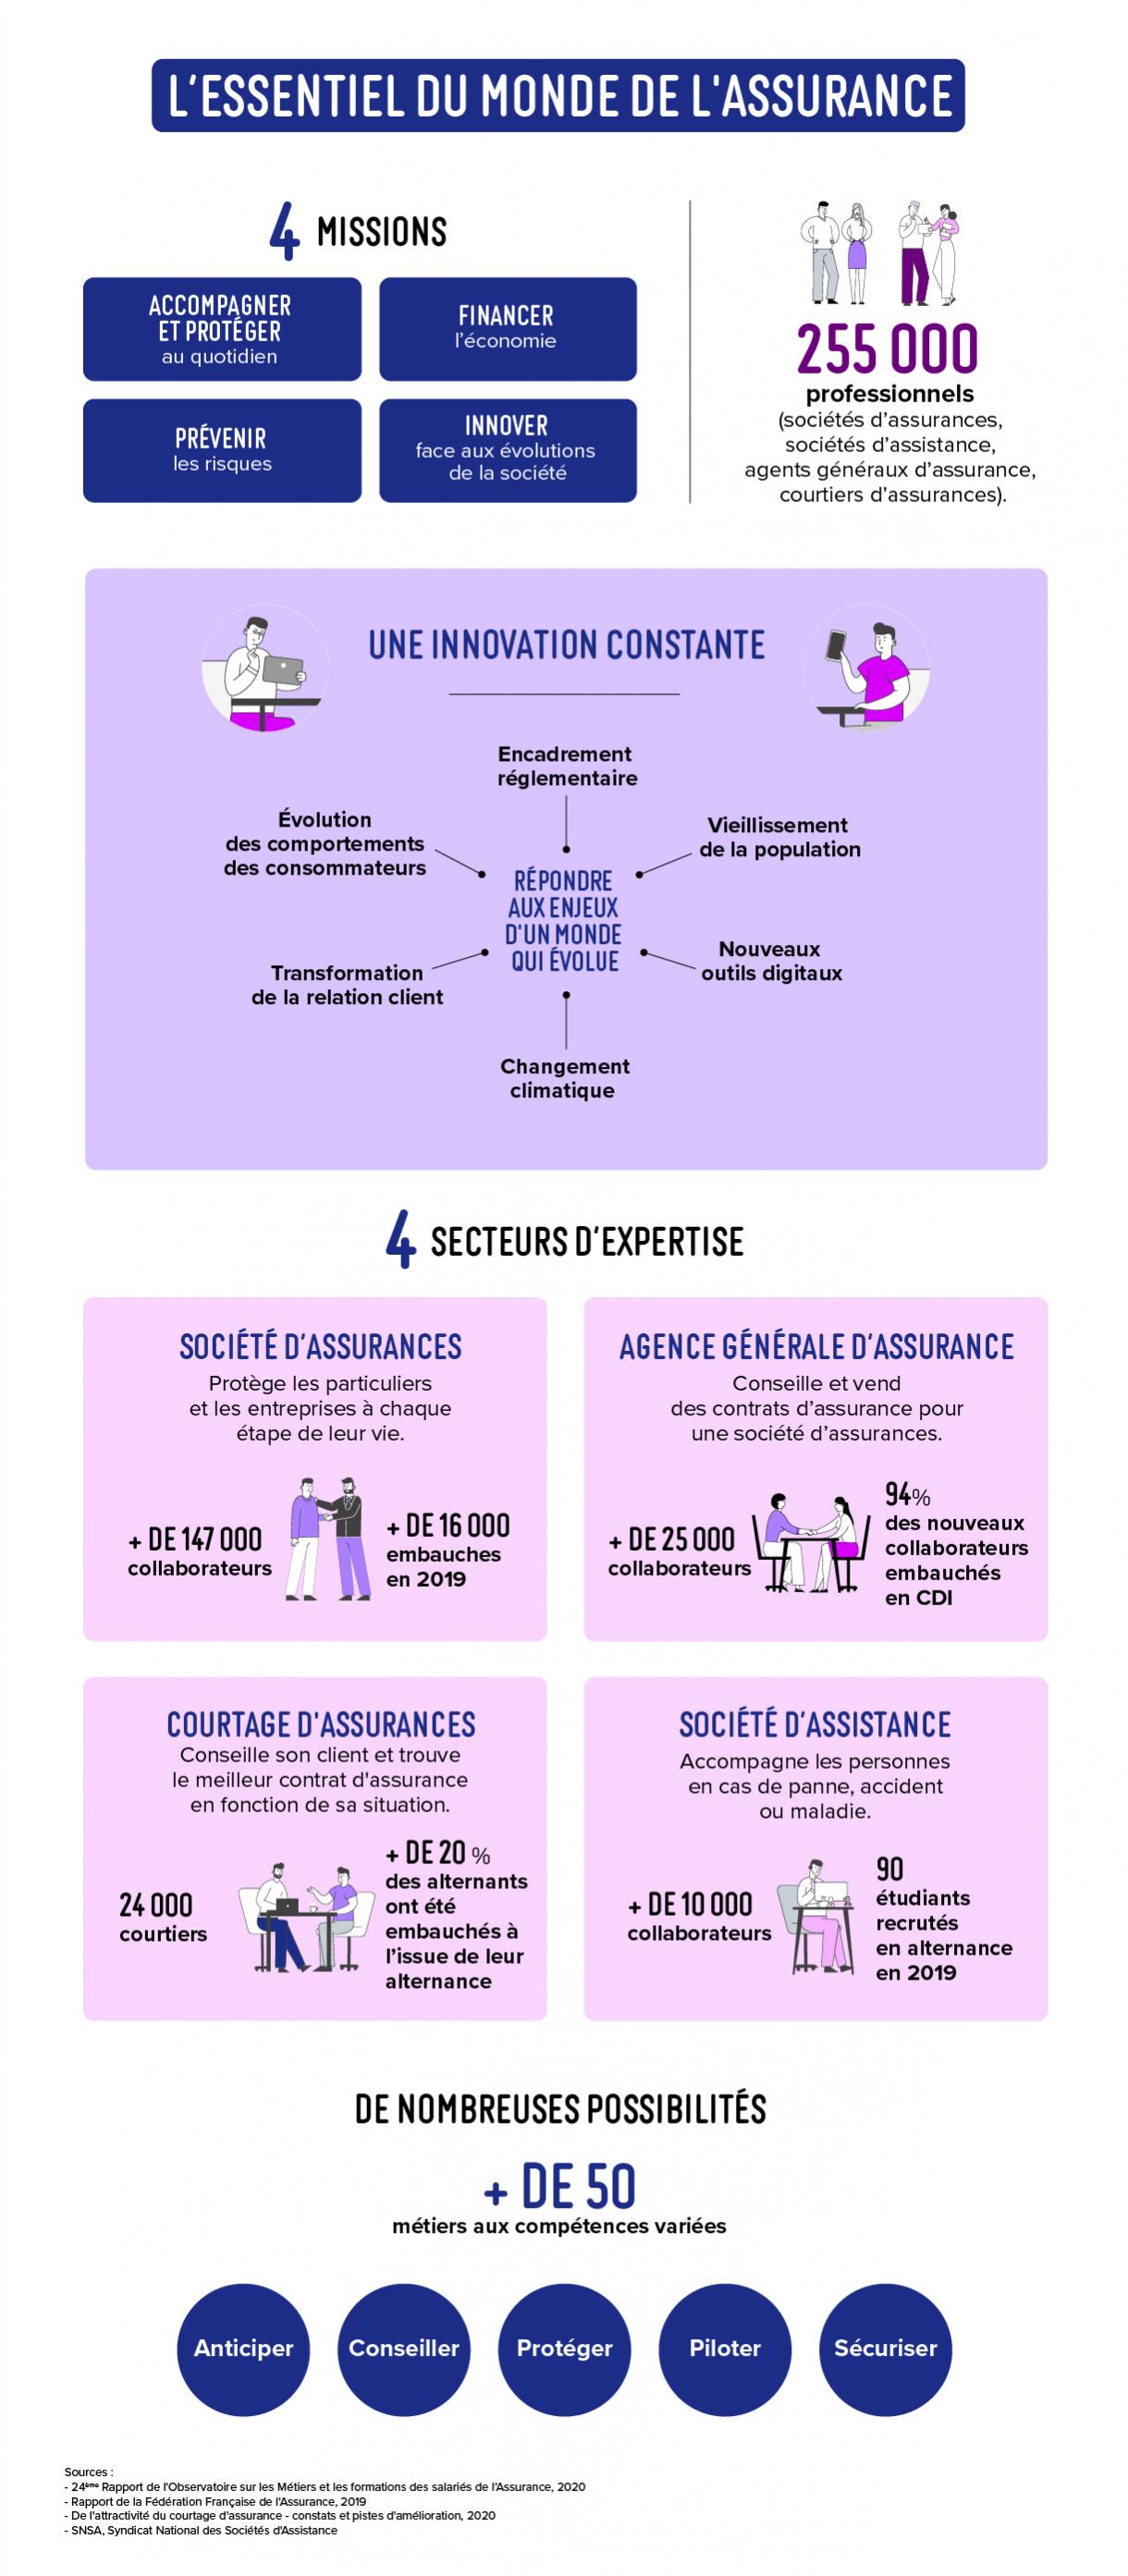 Infog-essentiel-assurance02.jpg